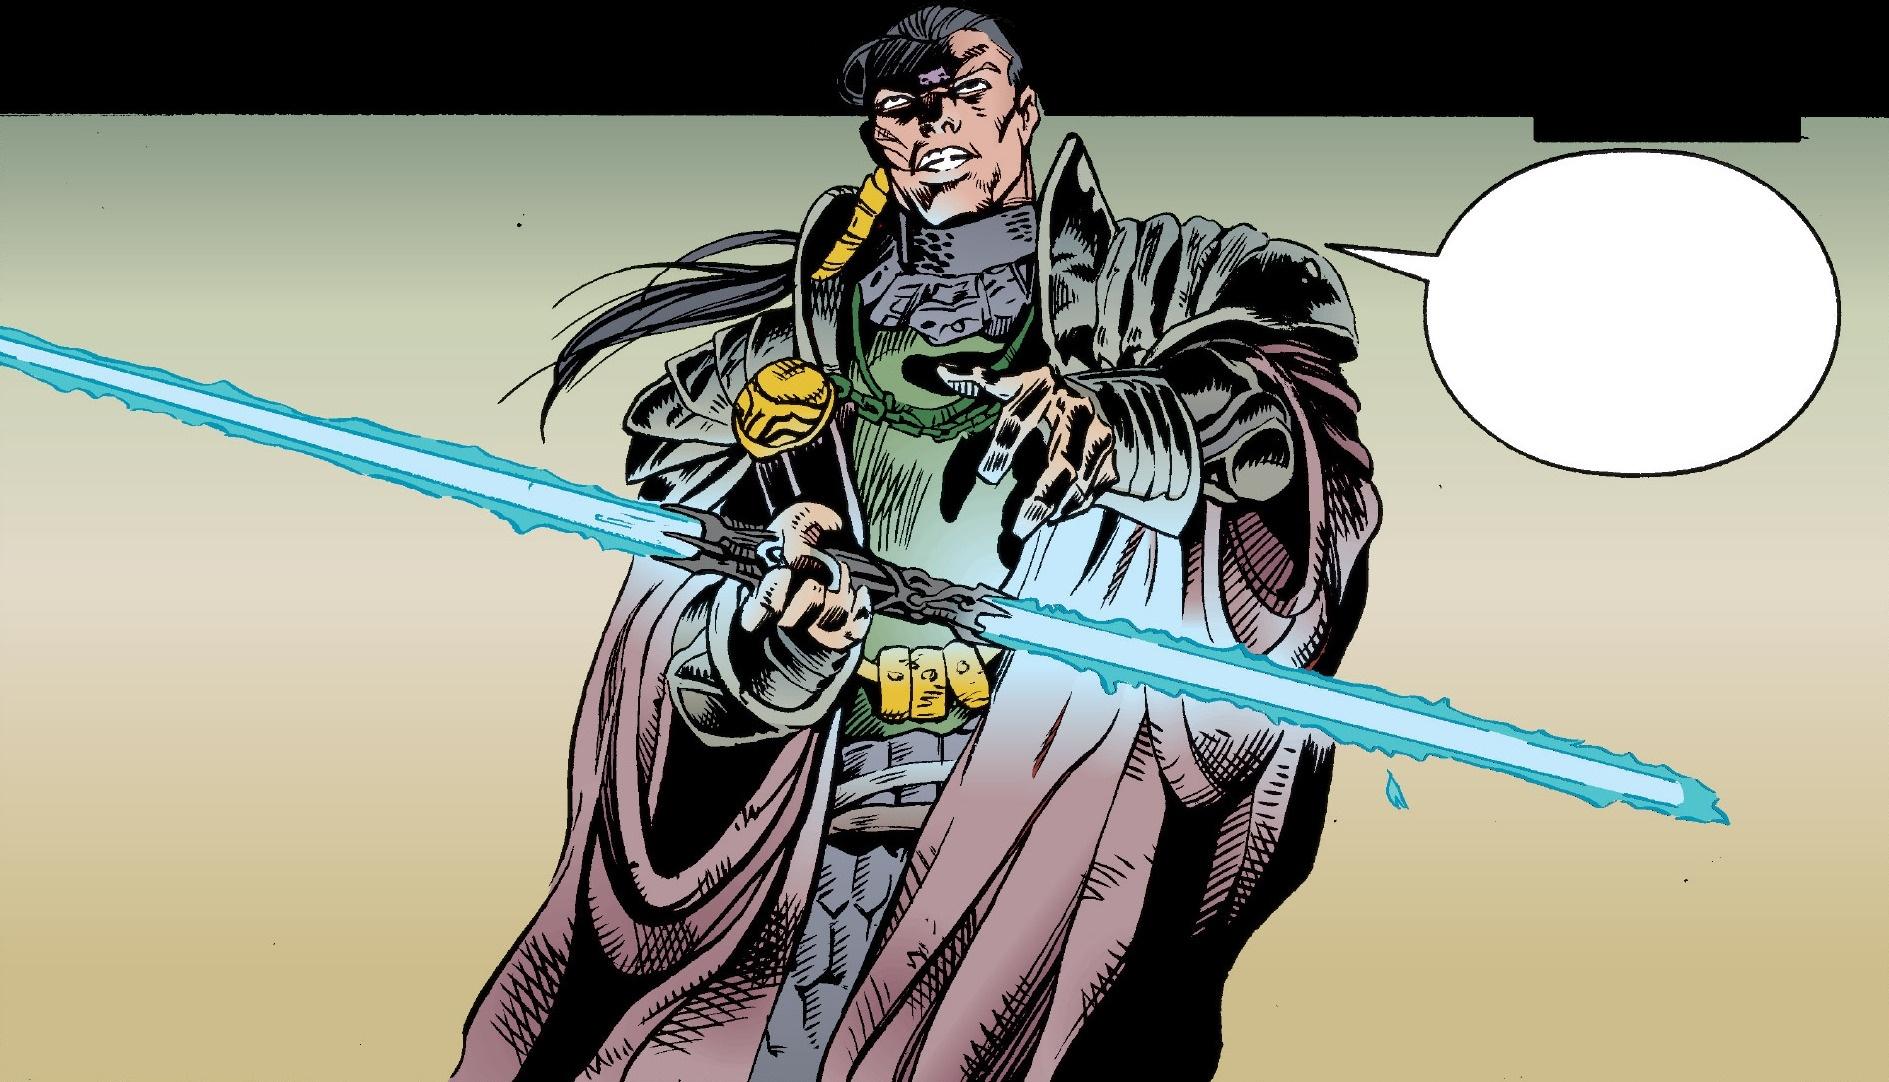 Lit - Exar Kun's Lightsaber Form | Jedi Council Forums